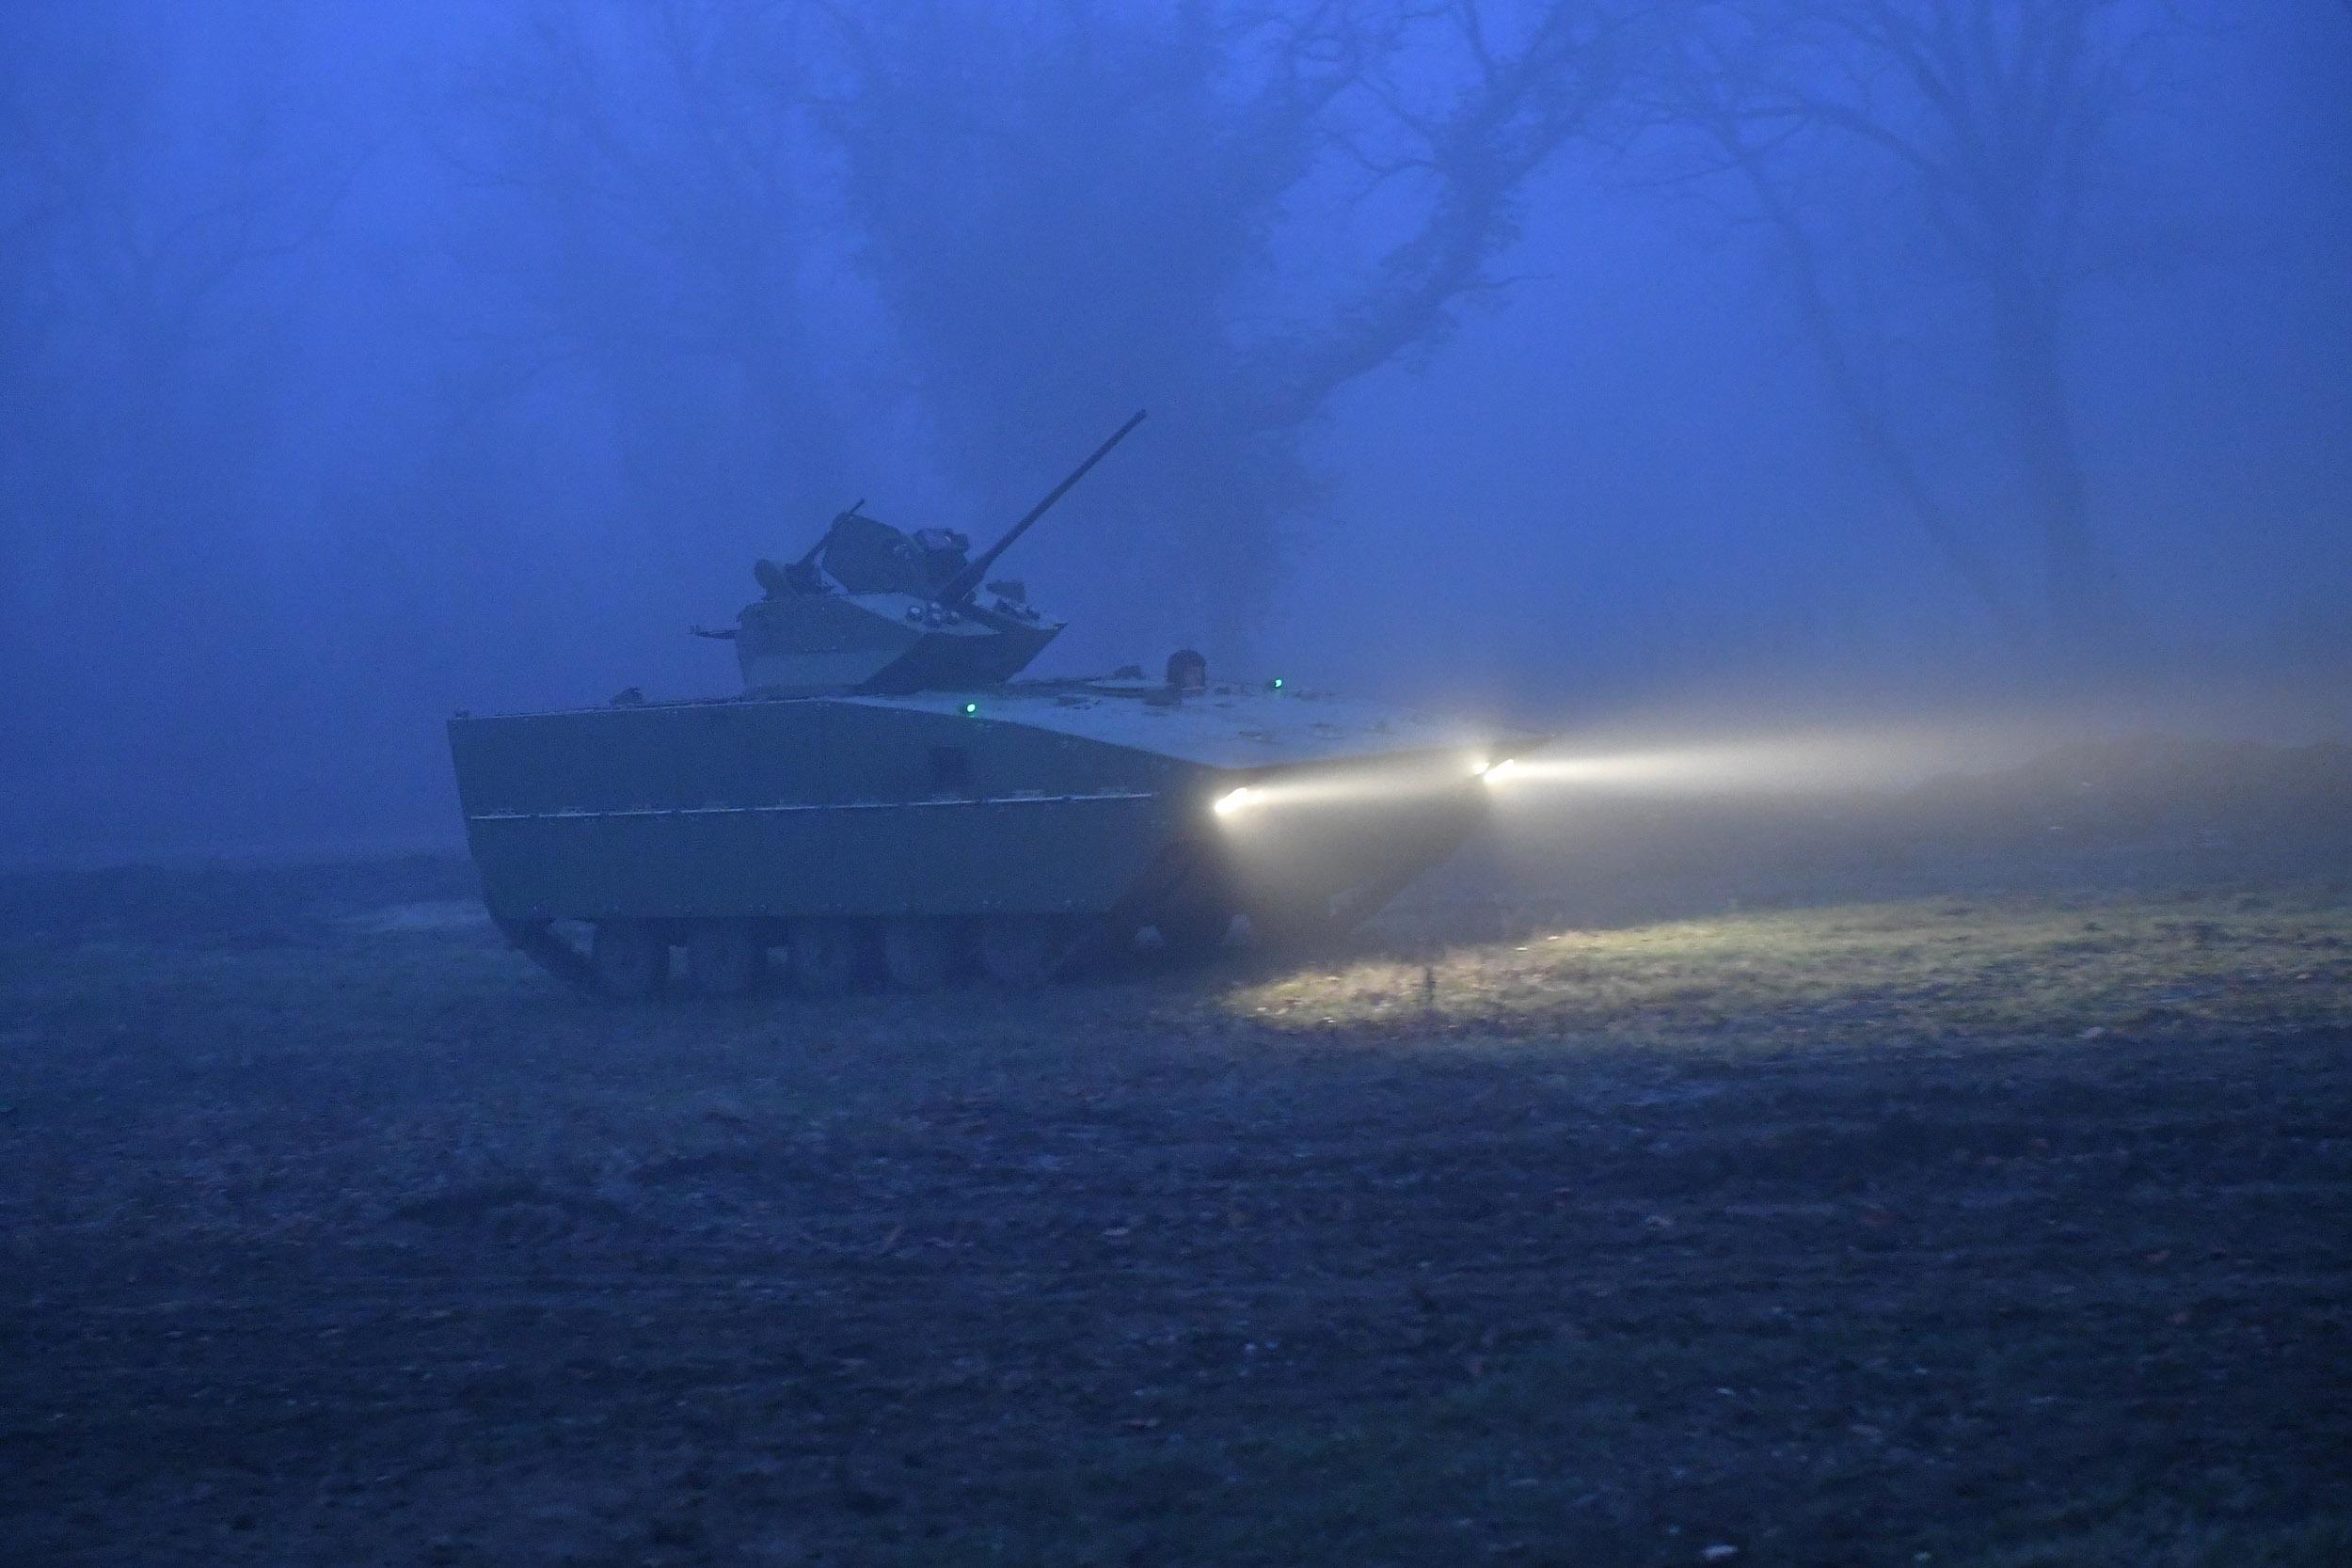 Испитивање модернизованог борбеног возила пешадије БВП М-80А и гађање у ноћним условима